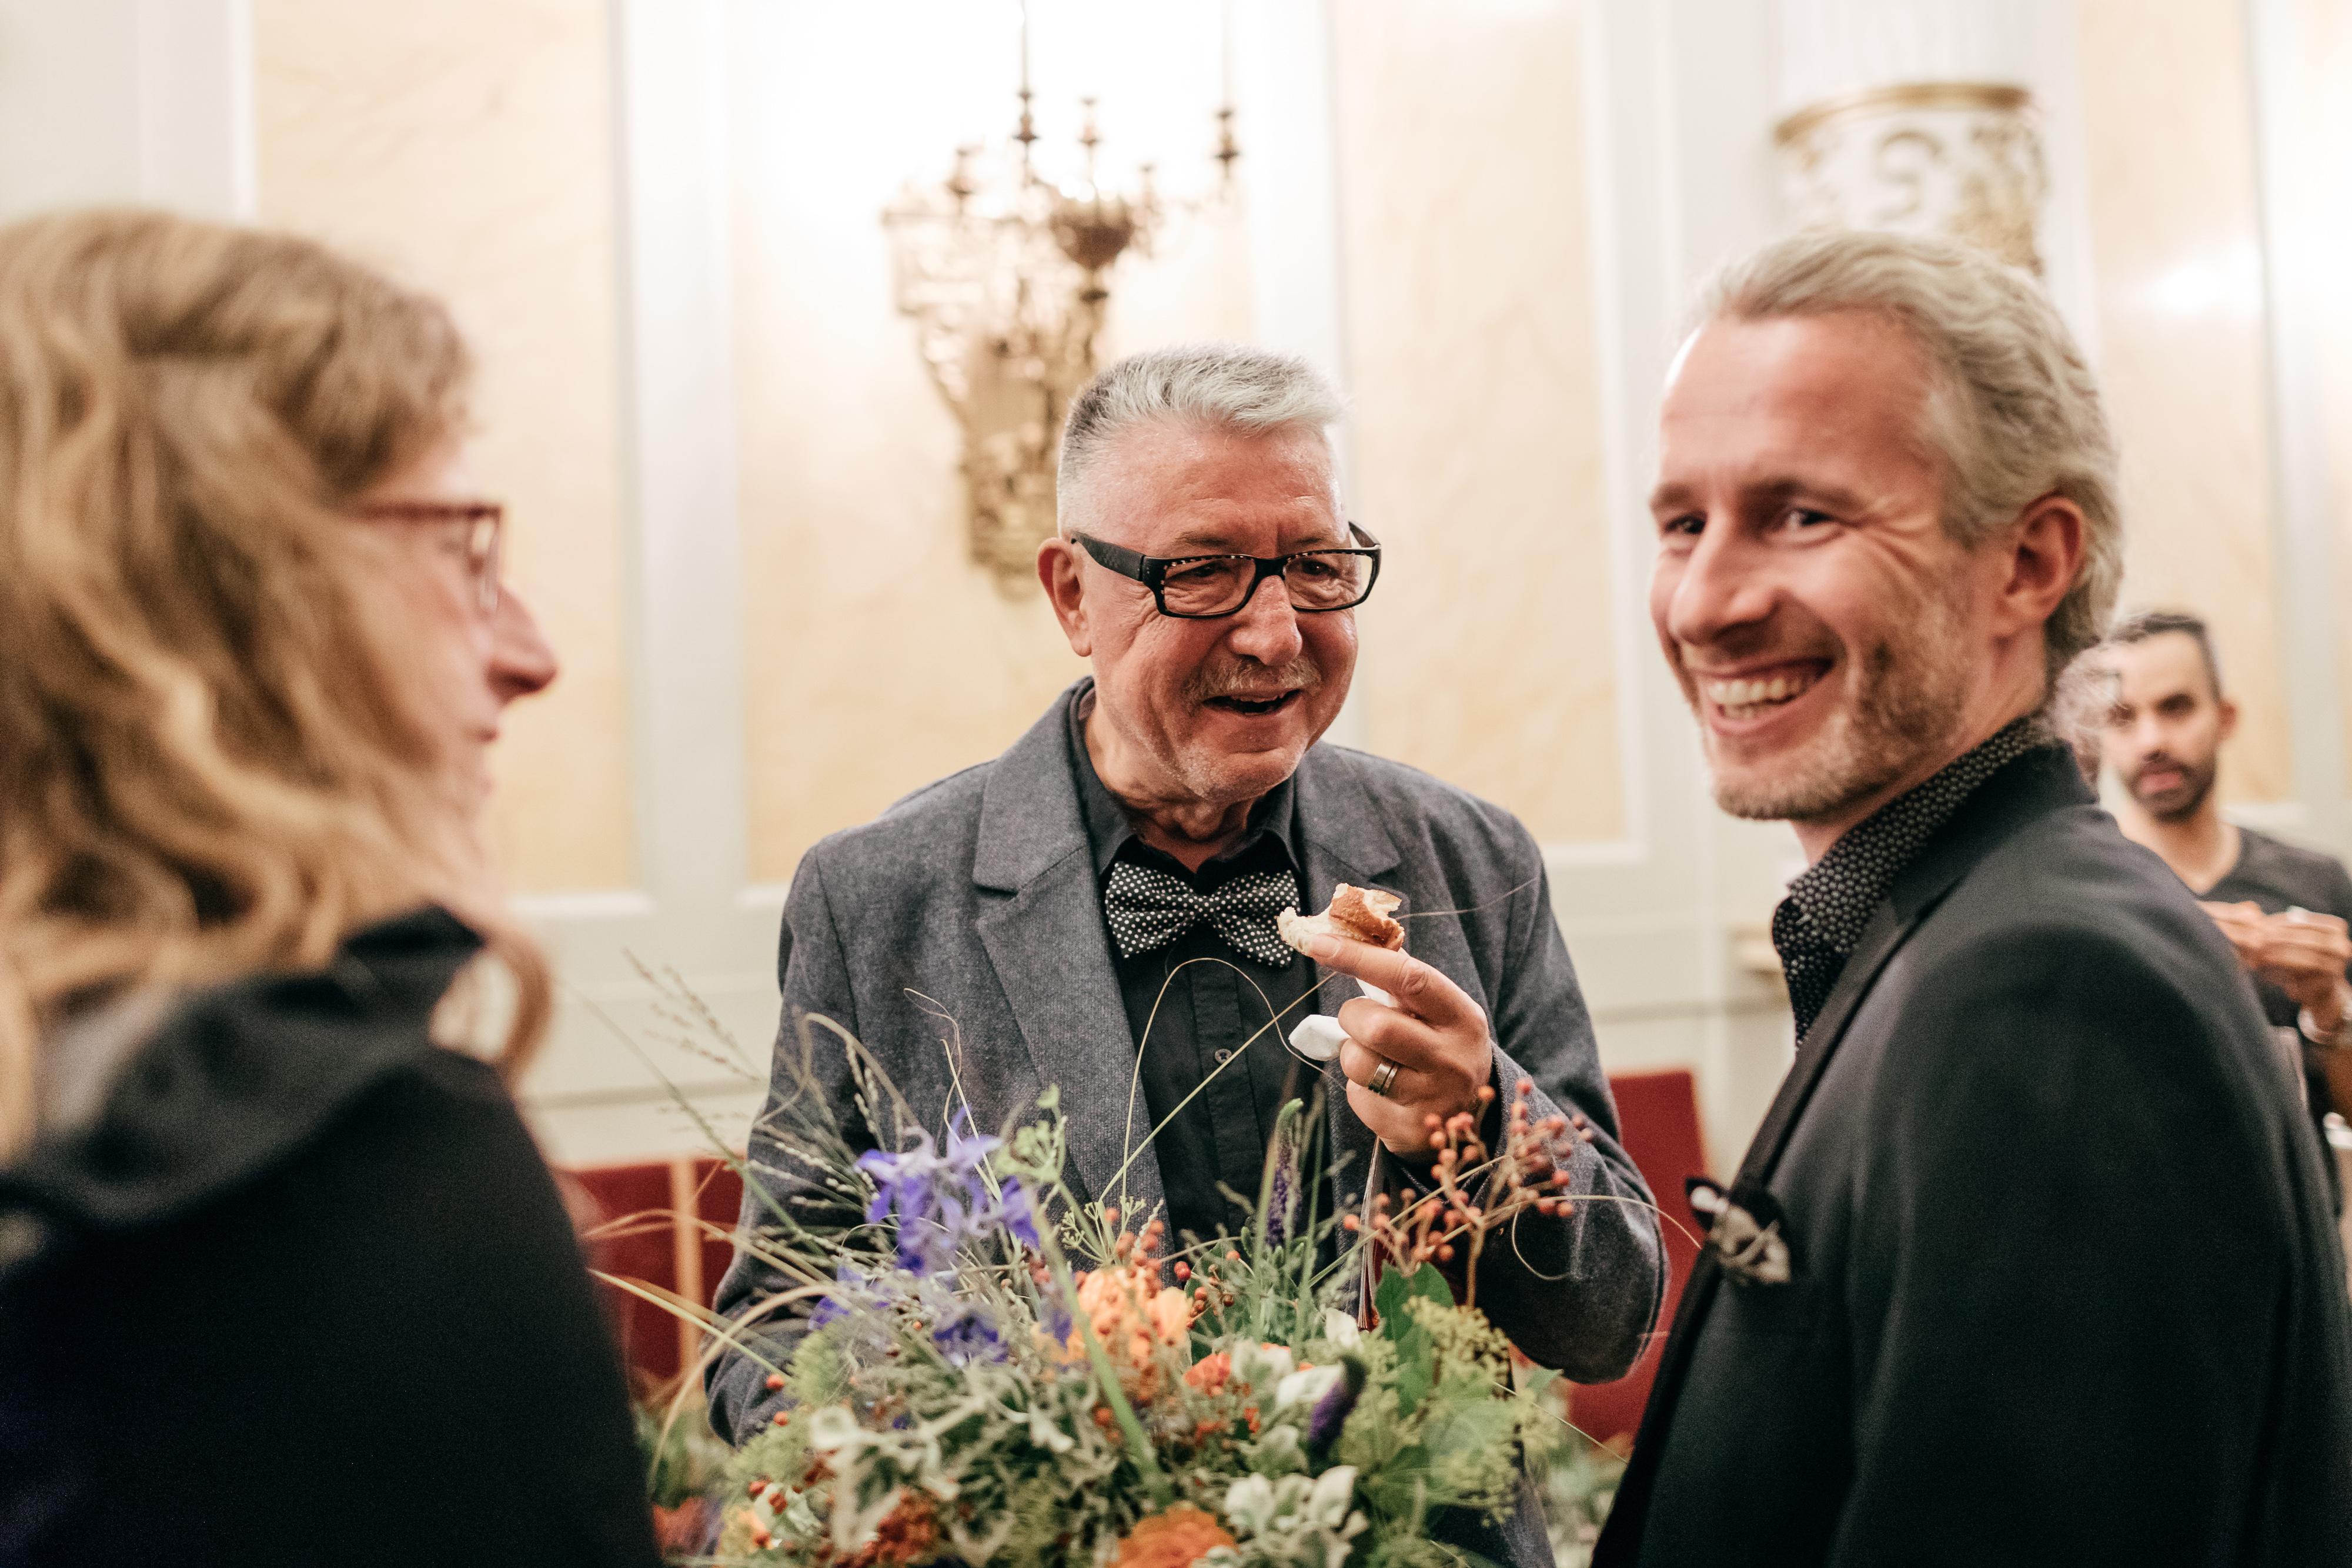 Preisverleihung SÄCHSISCHER TANZPREIS 2017 (c) David Pinzer